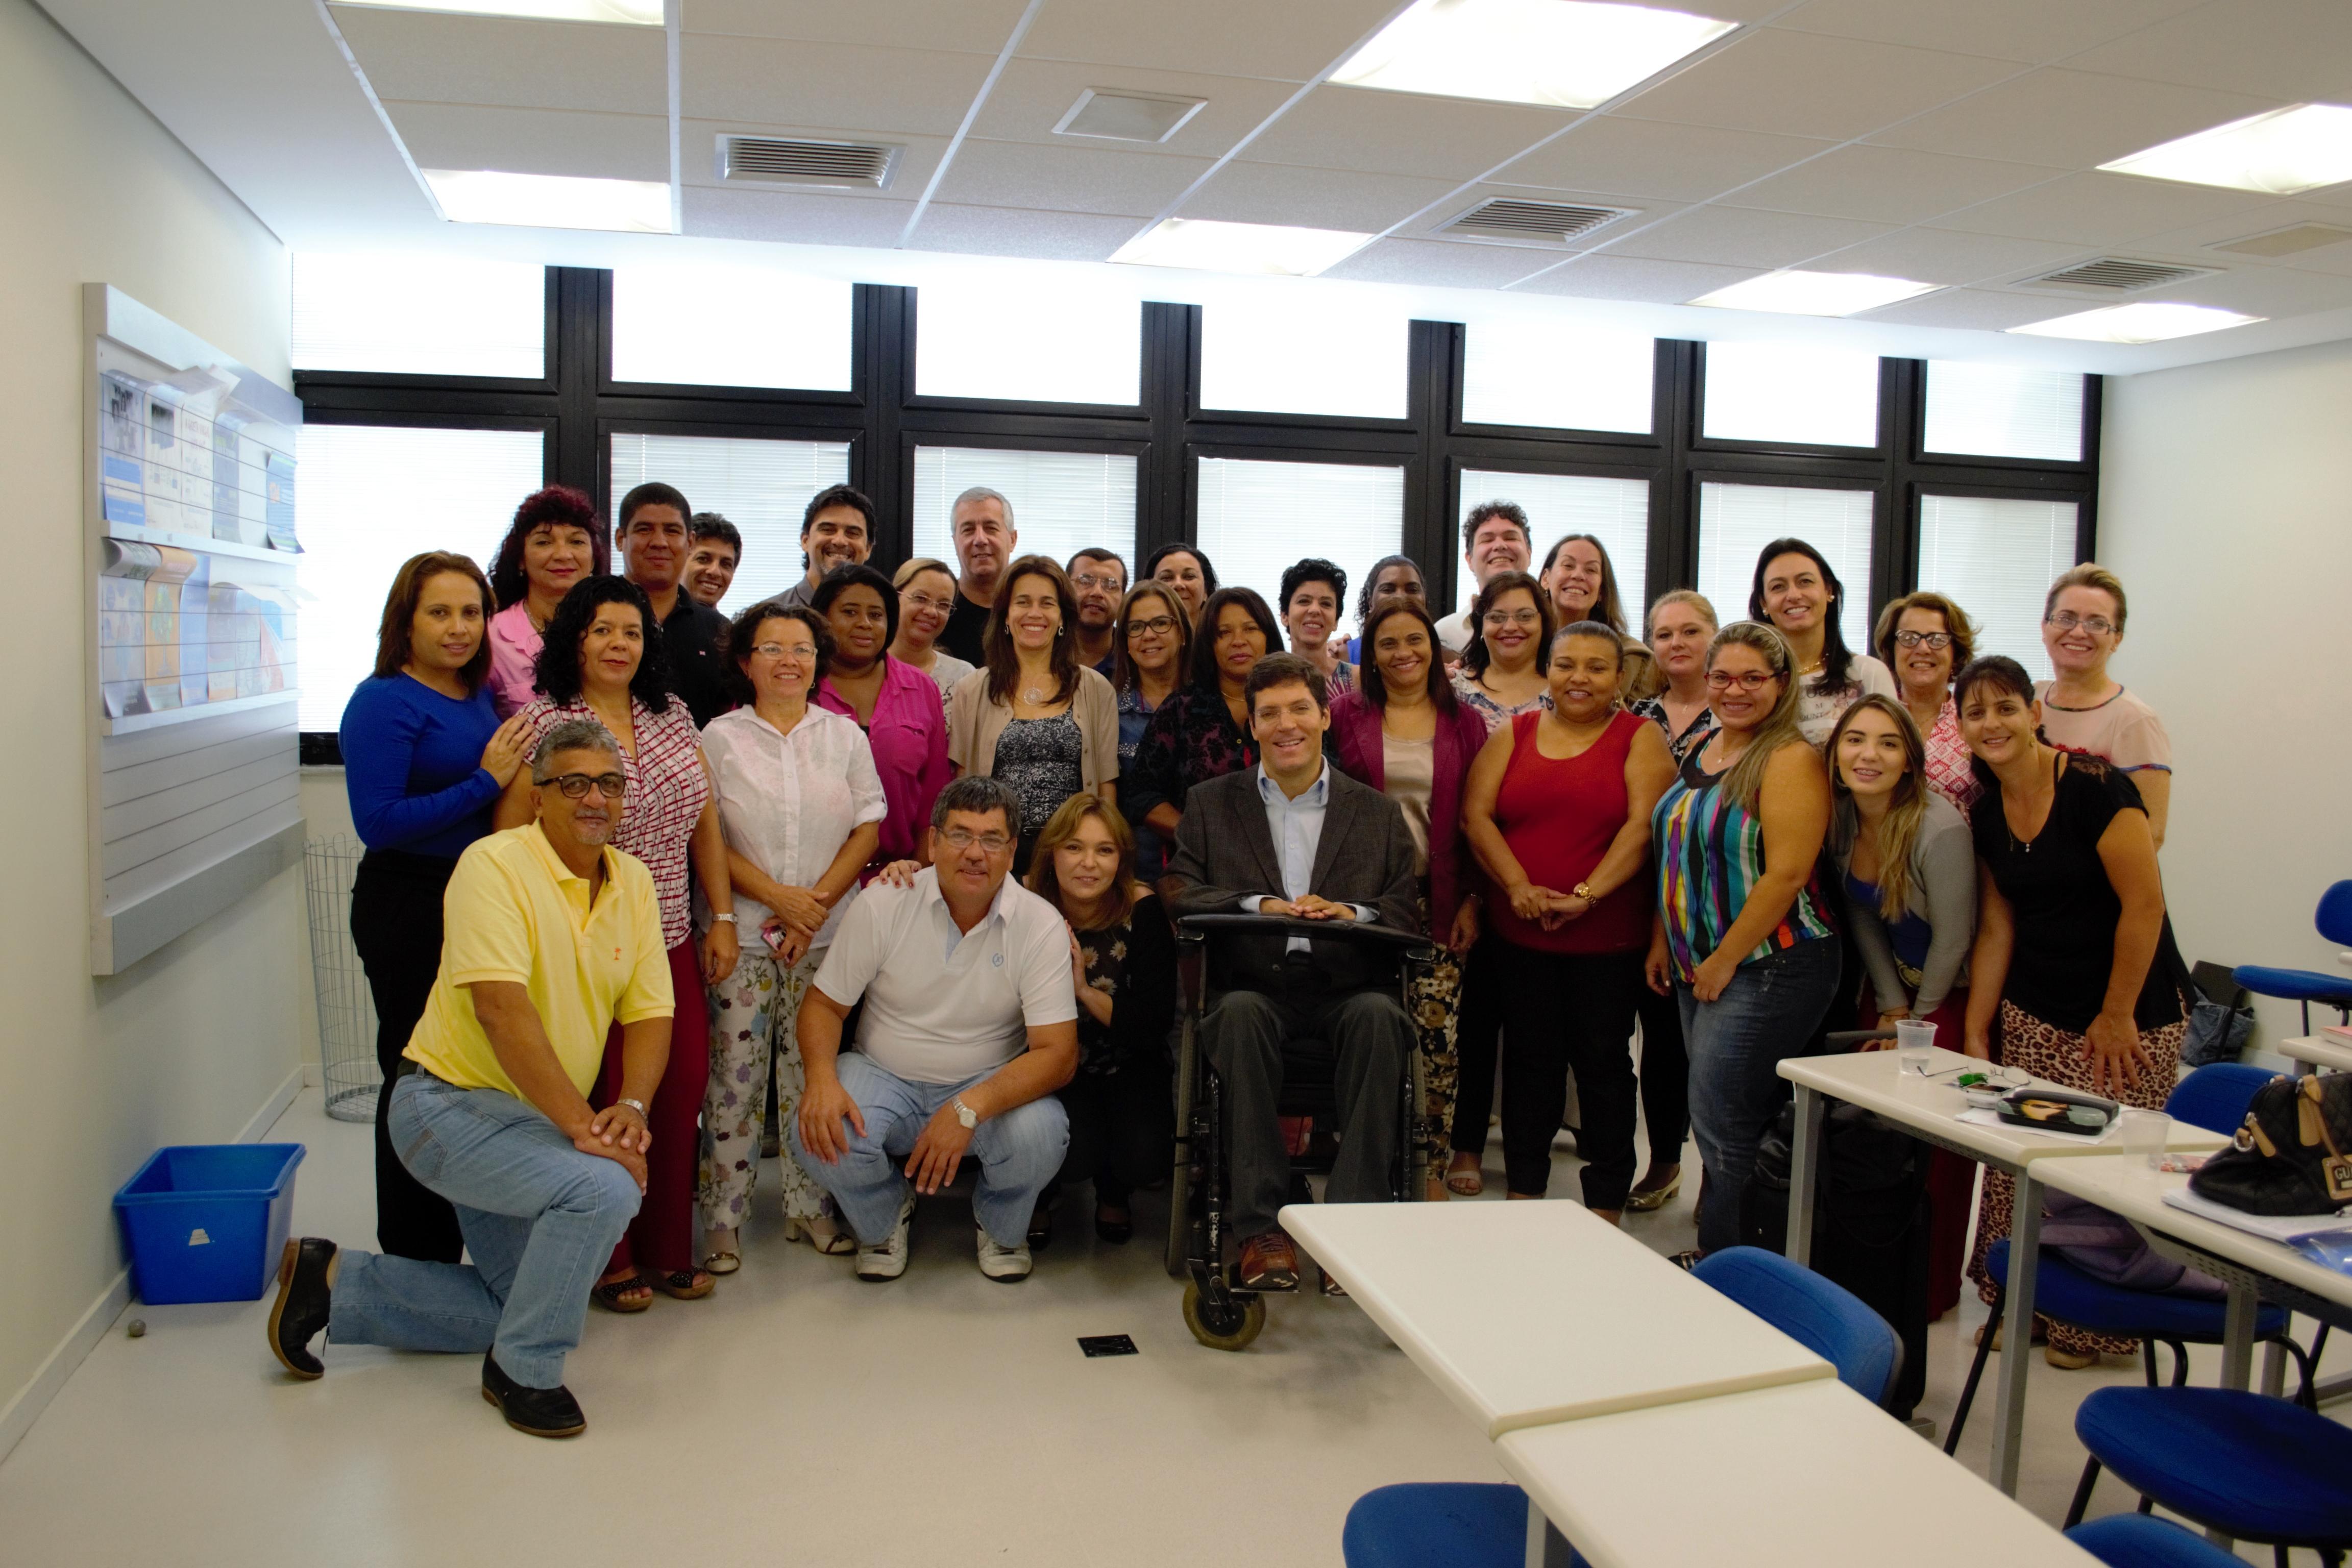 Homens e mulheres posam para a foto agrupados próximos ao Rodrigo, que está no centro do grupo, em cadeira de rodas. Ao fundo, as janelas da sala de aula.